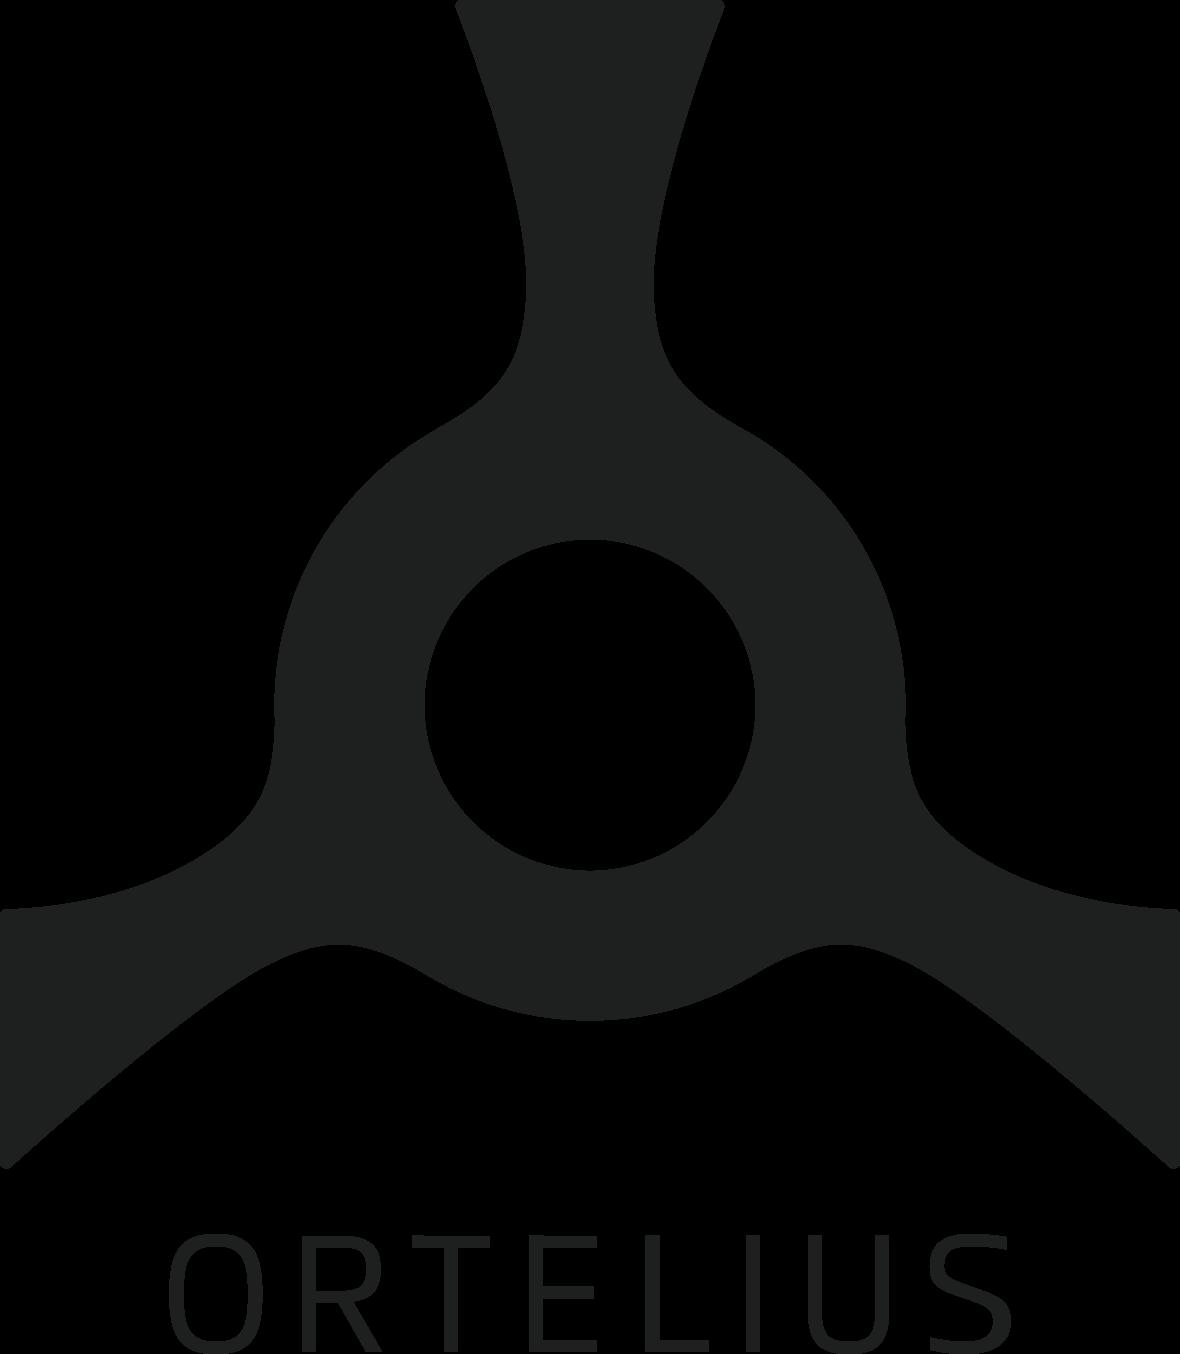 Ortelius-logo-black-png